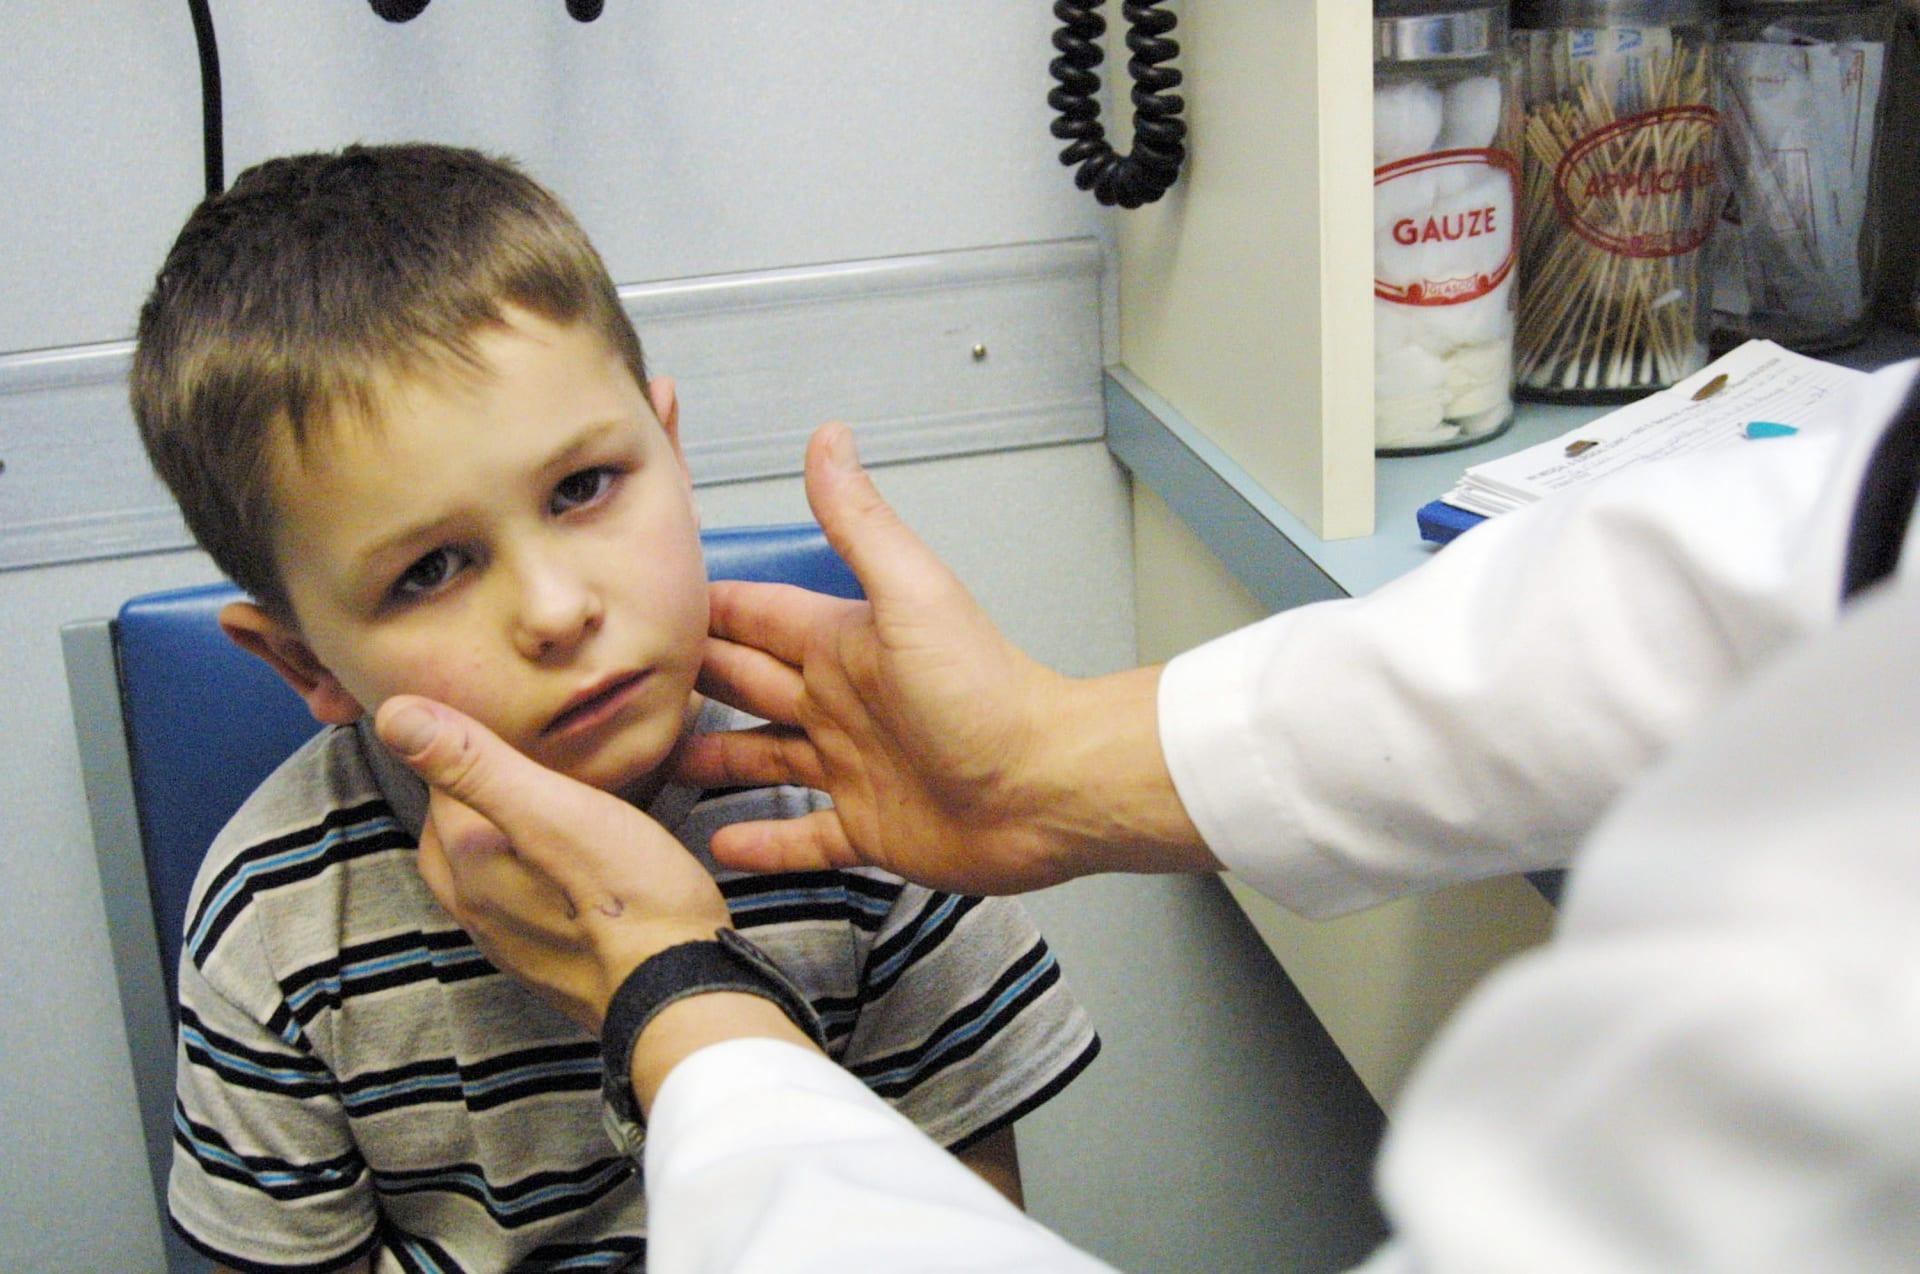 دراسة جديدة: إعطاء الرضع مضادات حيوية مرتبط بالحساسية في مرحلة الطفولة